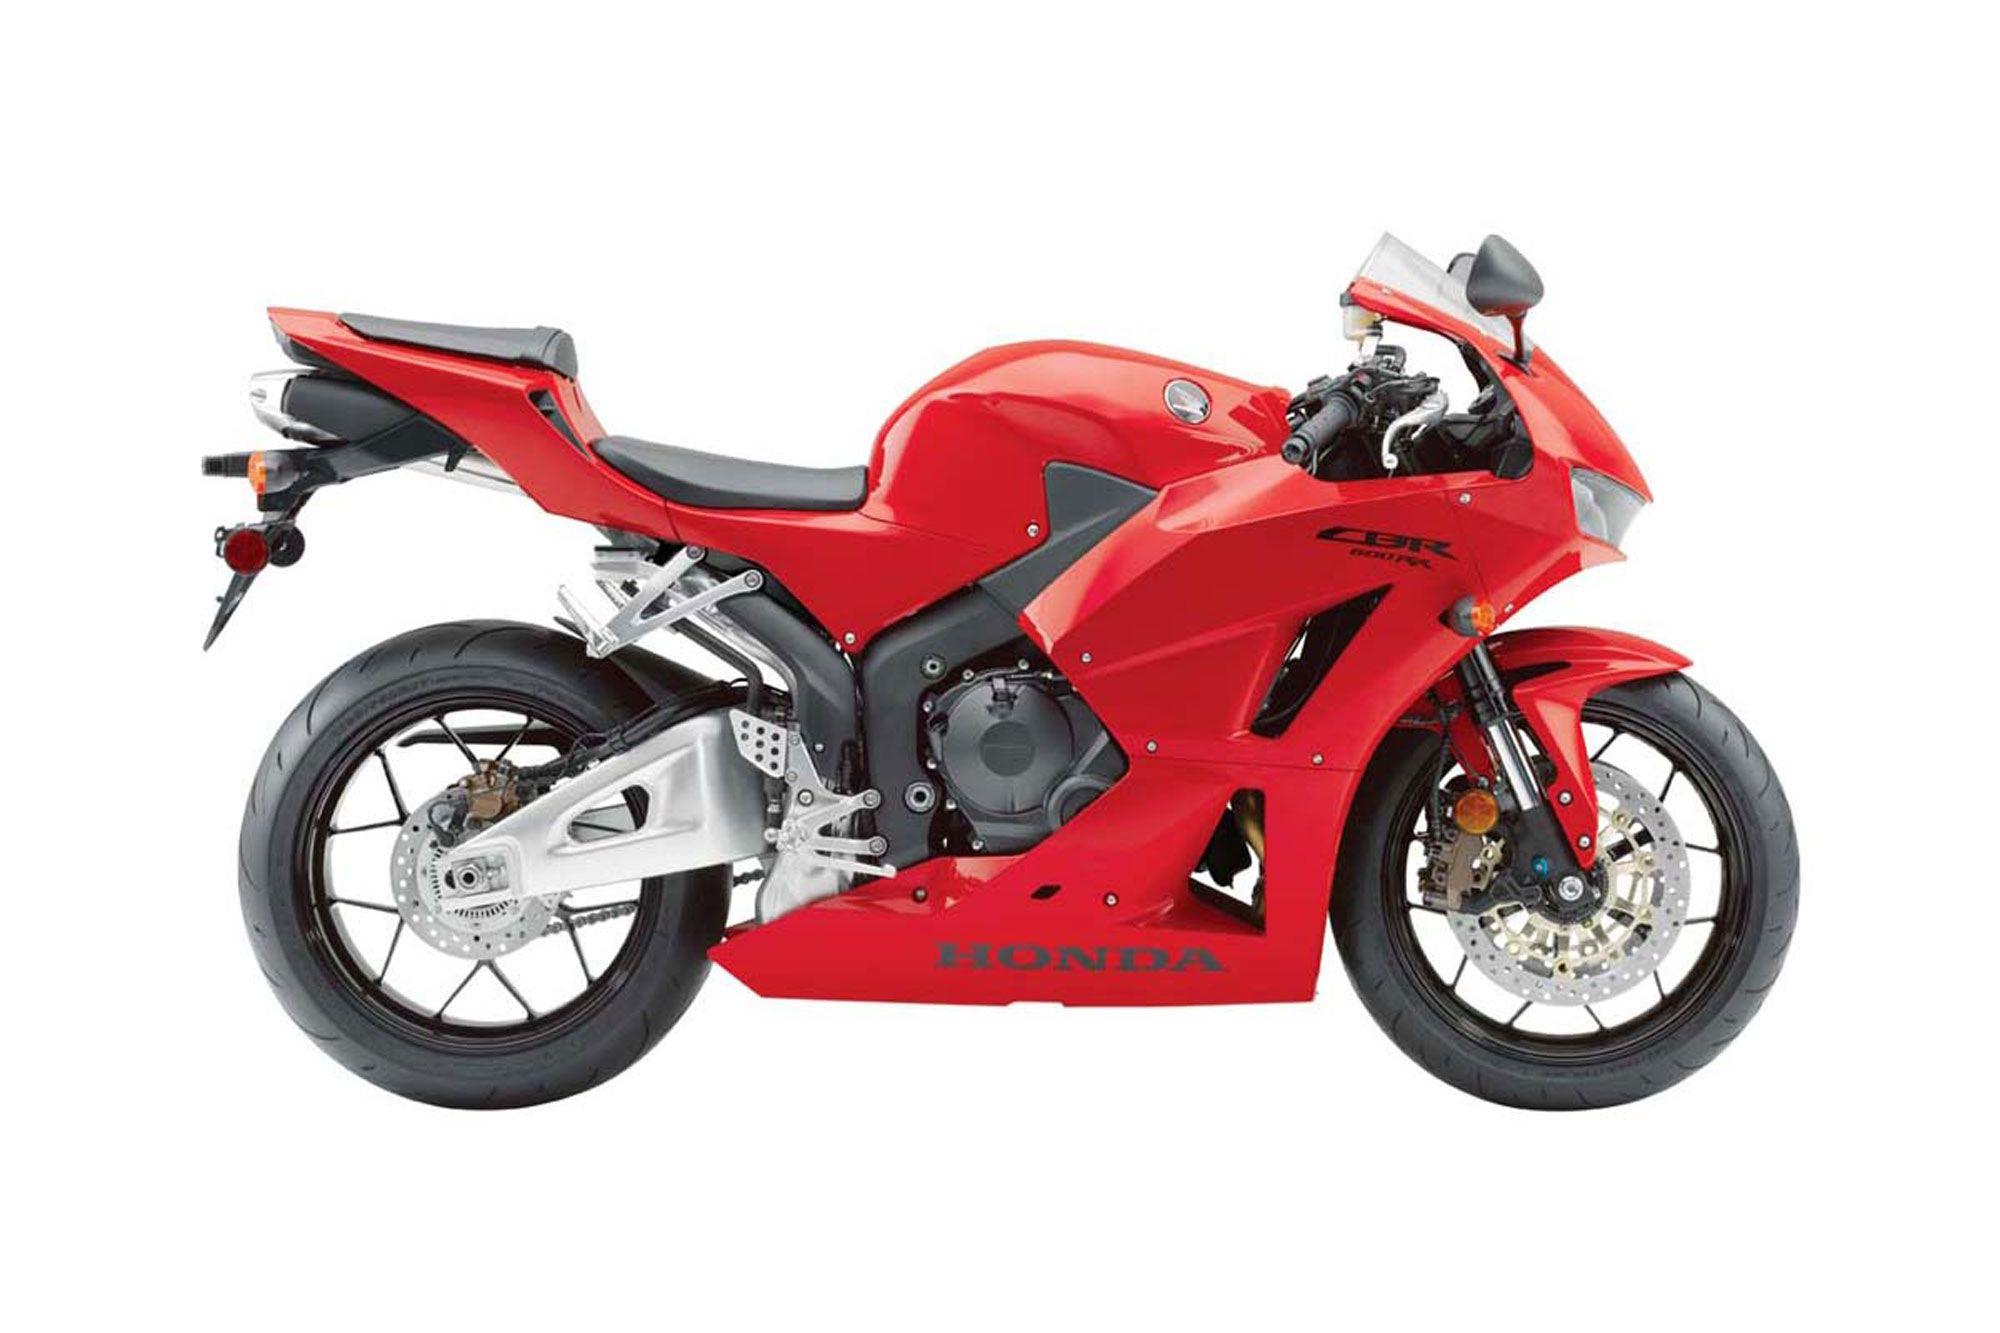 2013 Honda CBR 600 RR ABS Red 2013 Honda CBR 600 RR (C ABS) Specs ...